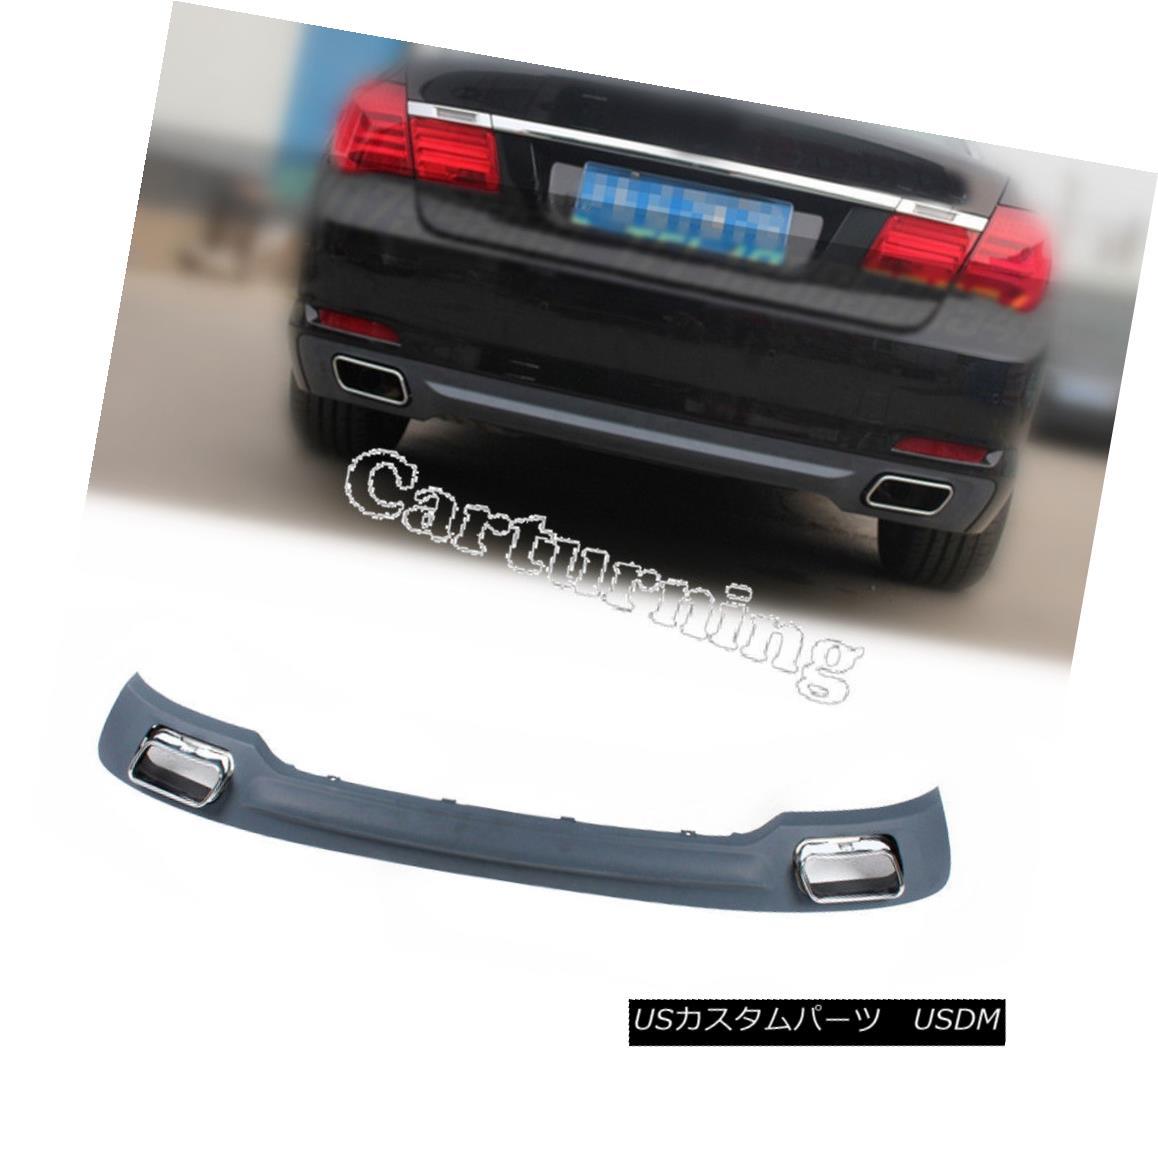 エアロパーツ Rear Diffuser Lip Exhaust Tips Fit for BMW 7 Series F01 F02 730i Non-M Bumper リアディフューザーリップエキゾーストヒントBMW 7シリーズF01 F02 730i Non-Mバンパー用